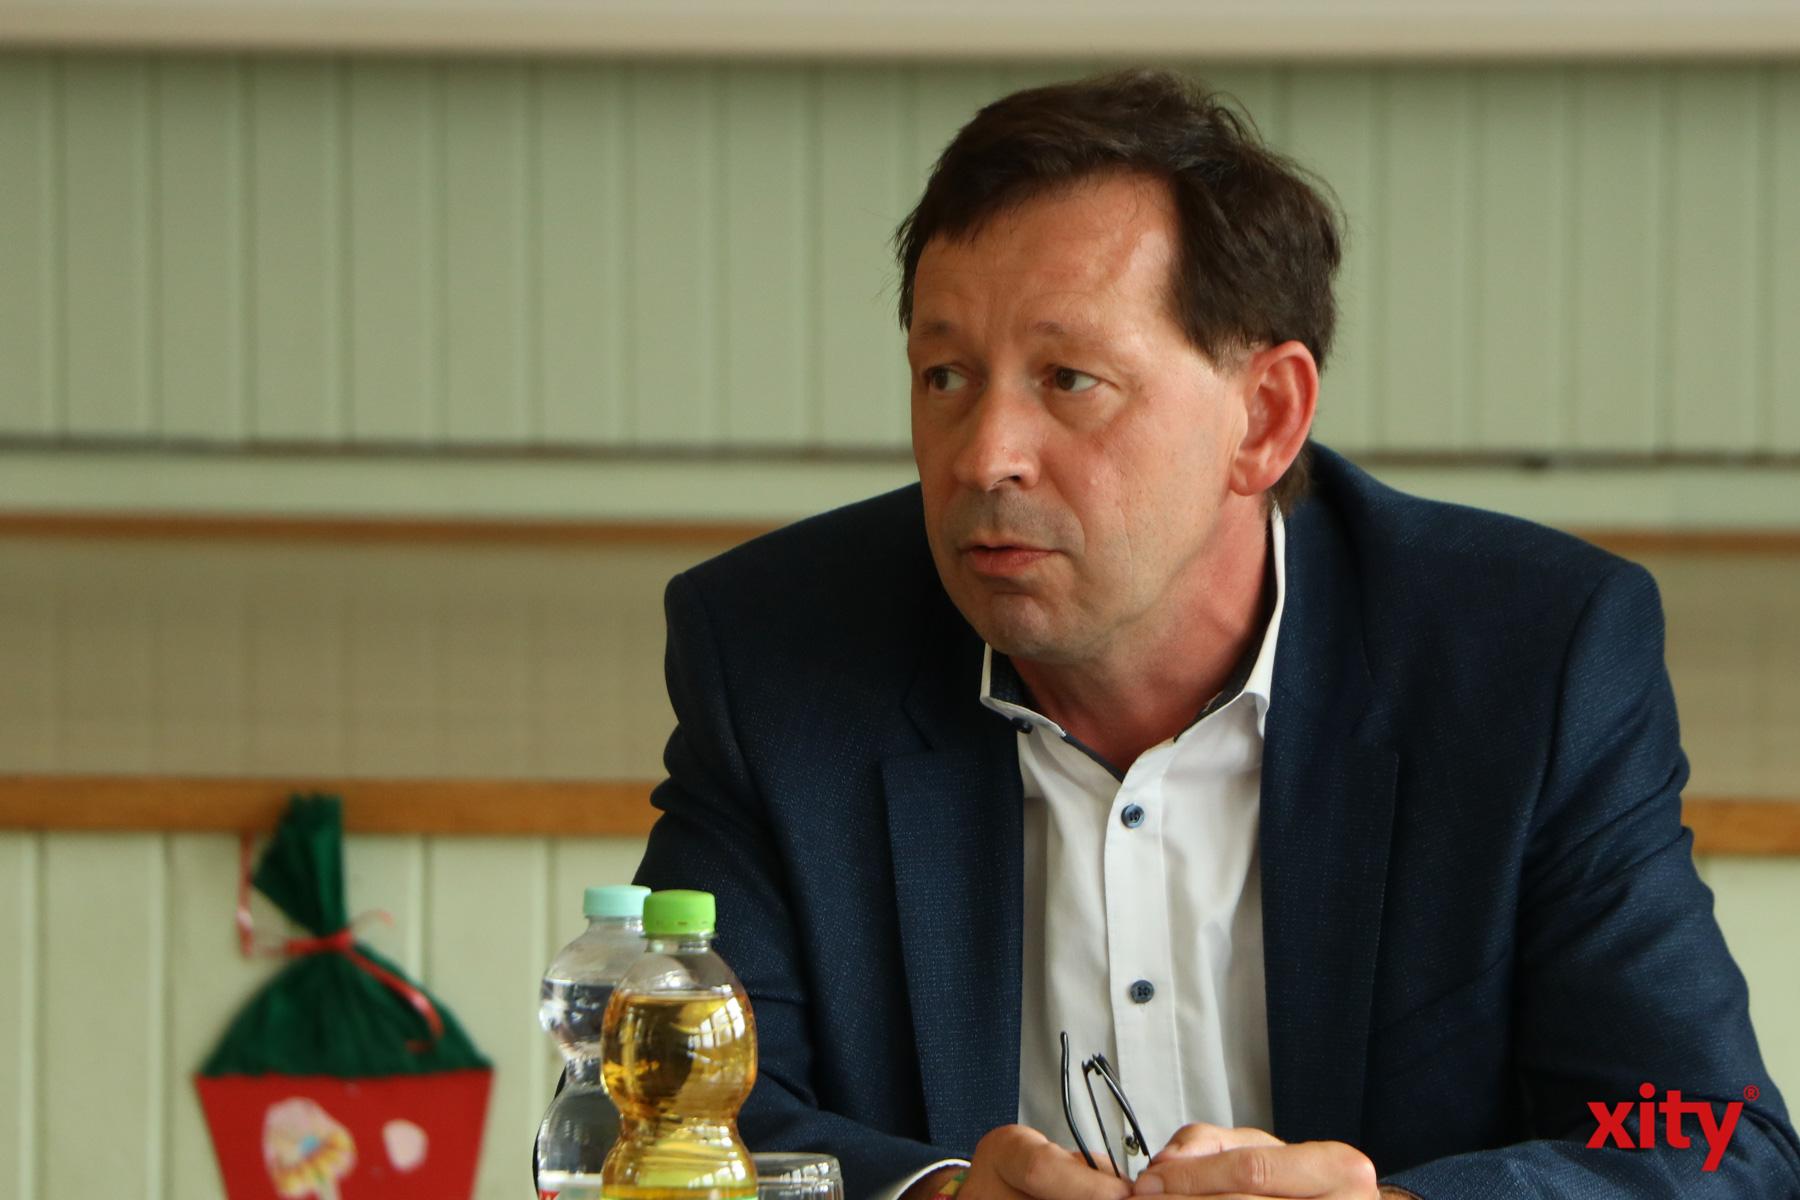 Burkhard Hintzsche, Stadtdirektor und Schuldezernent der Landeshauptstadt Düsseldorf (Foto: xity)